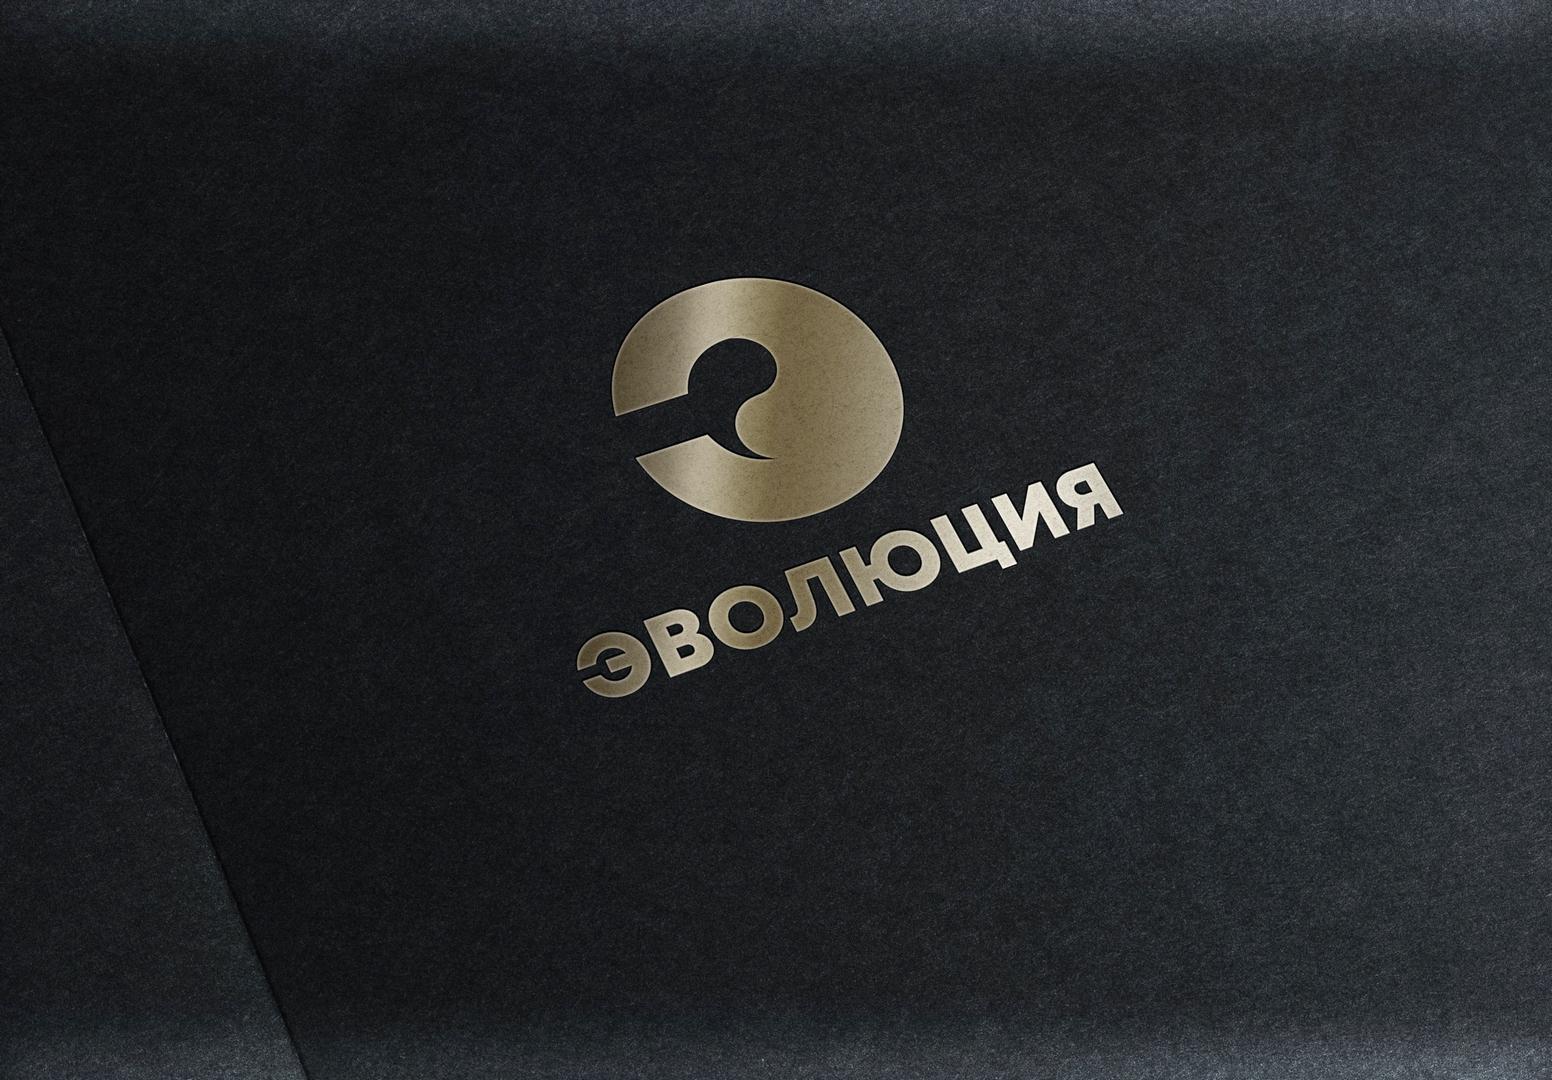 Разработать логотип для Онлайн-школы и сообщества фото f_3845bc61c6d6bc1d.jpg